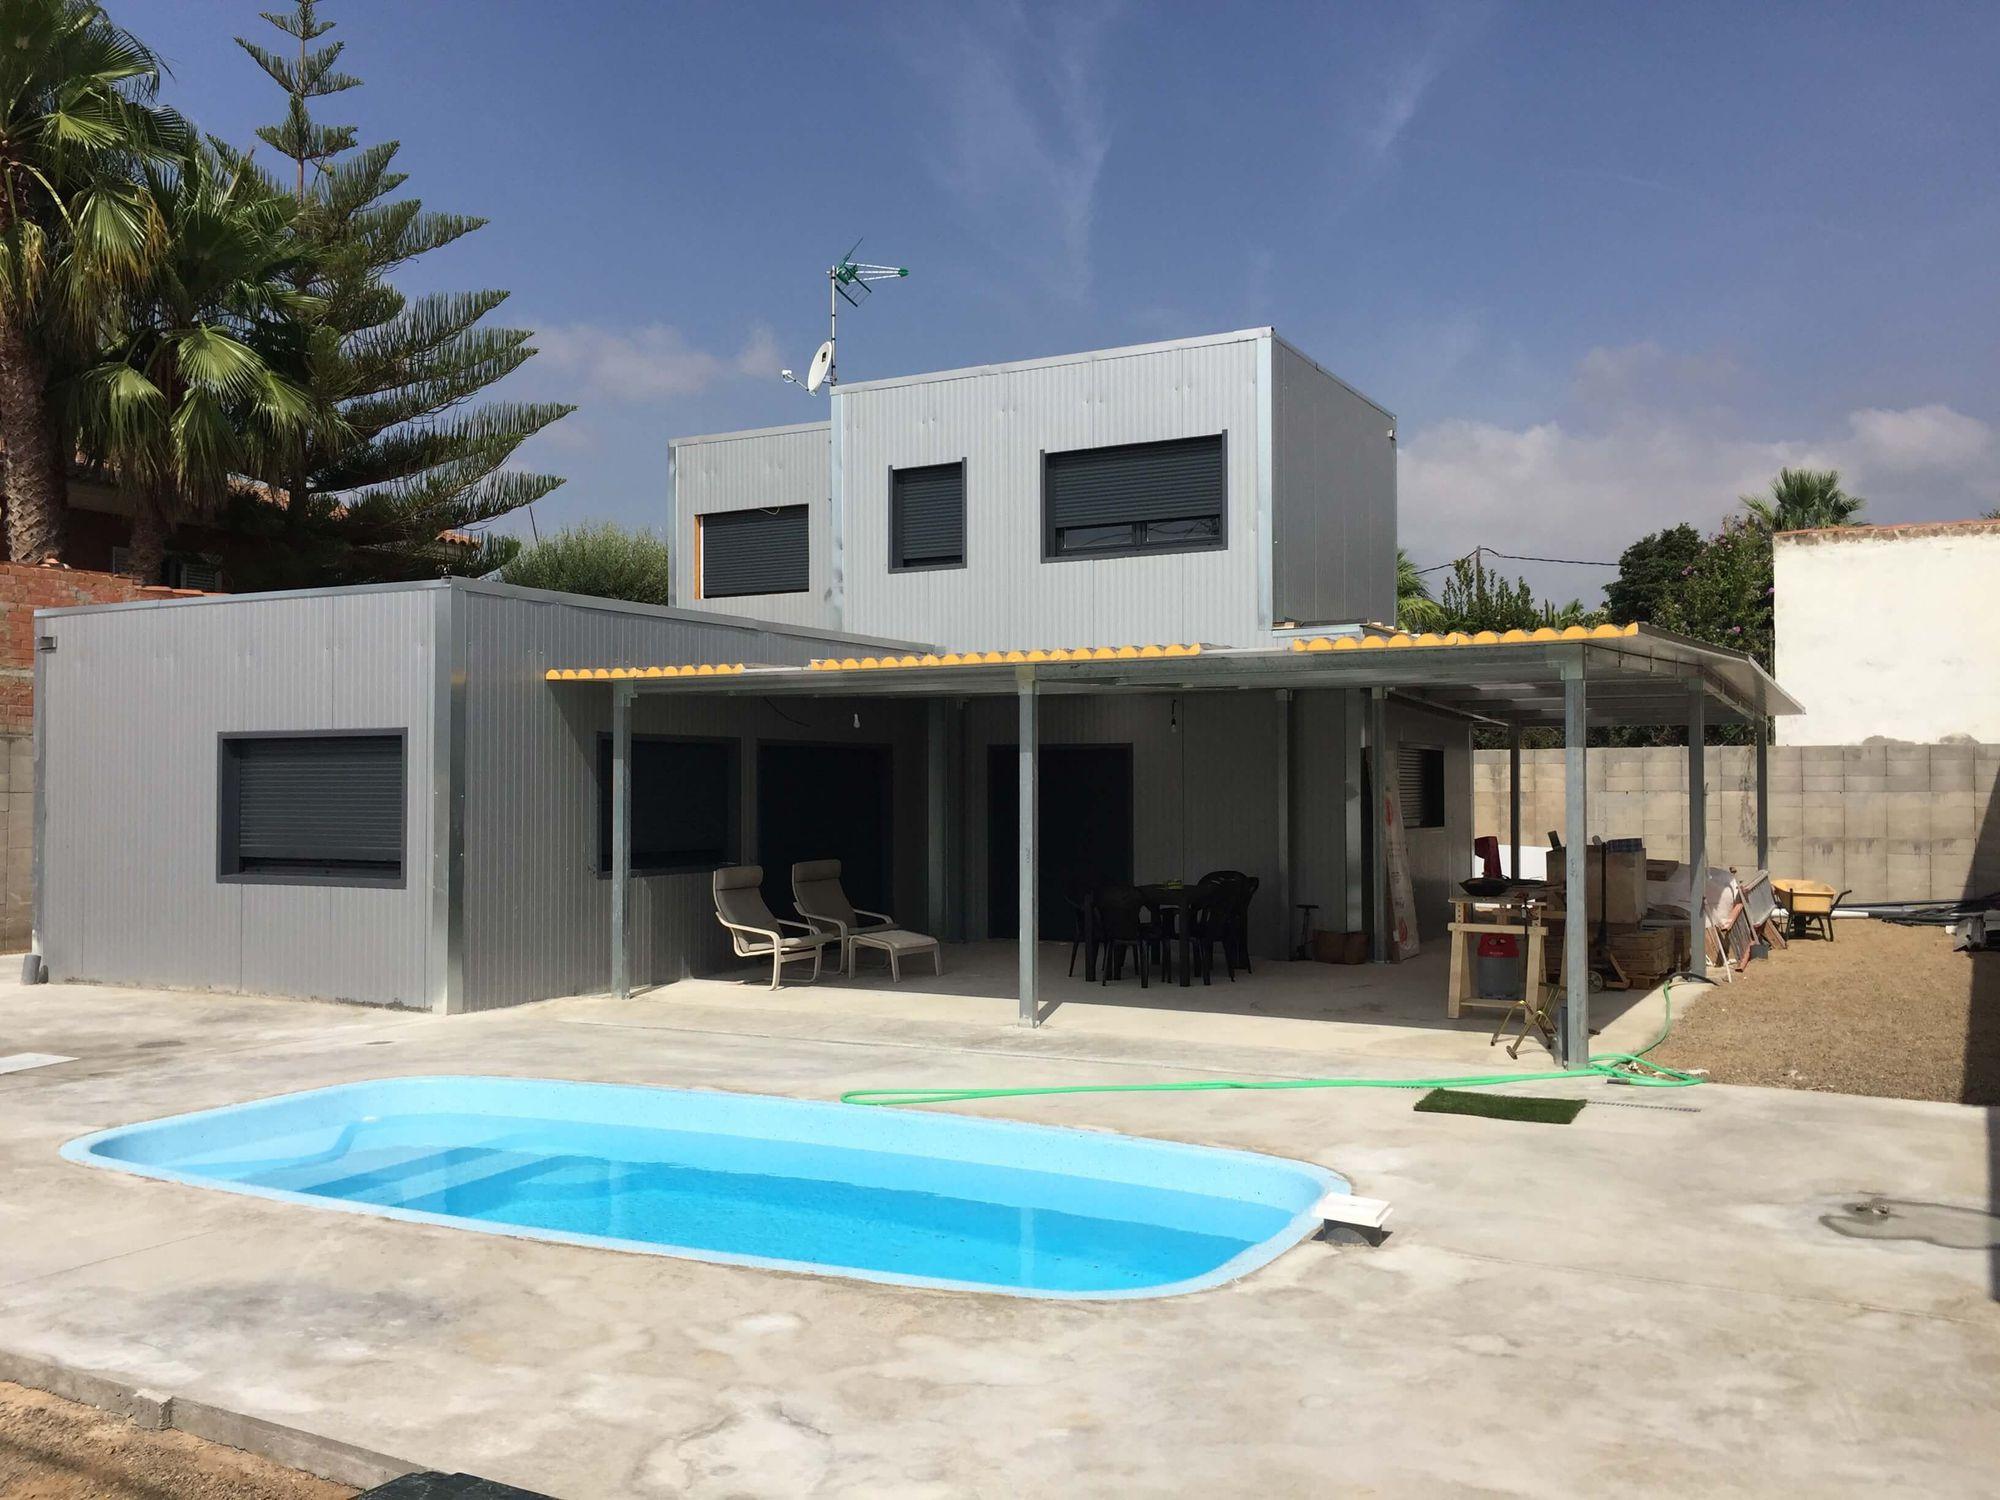 Maison Ossature Métallique Contemporaine structure métallique pour maison / en acier galvanisé